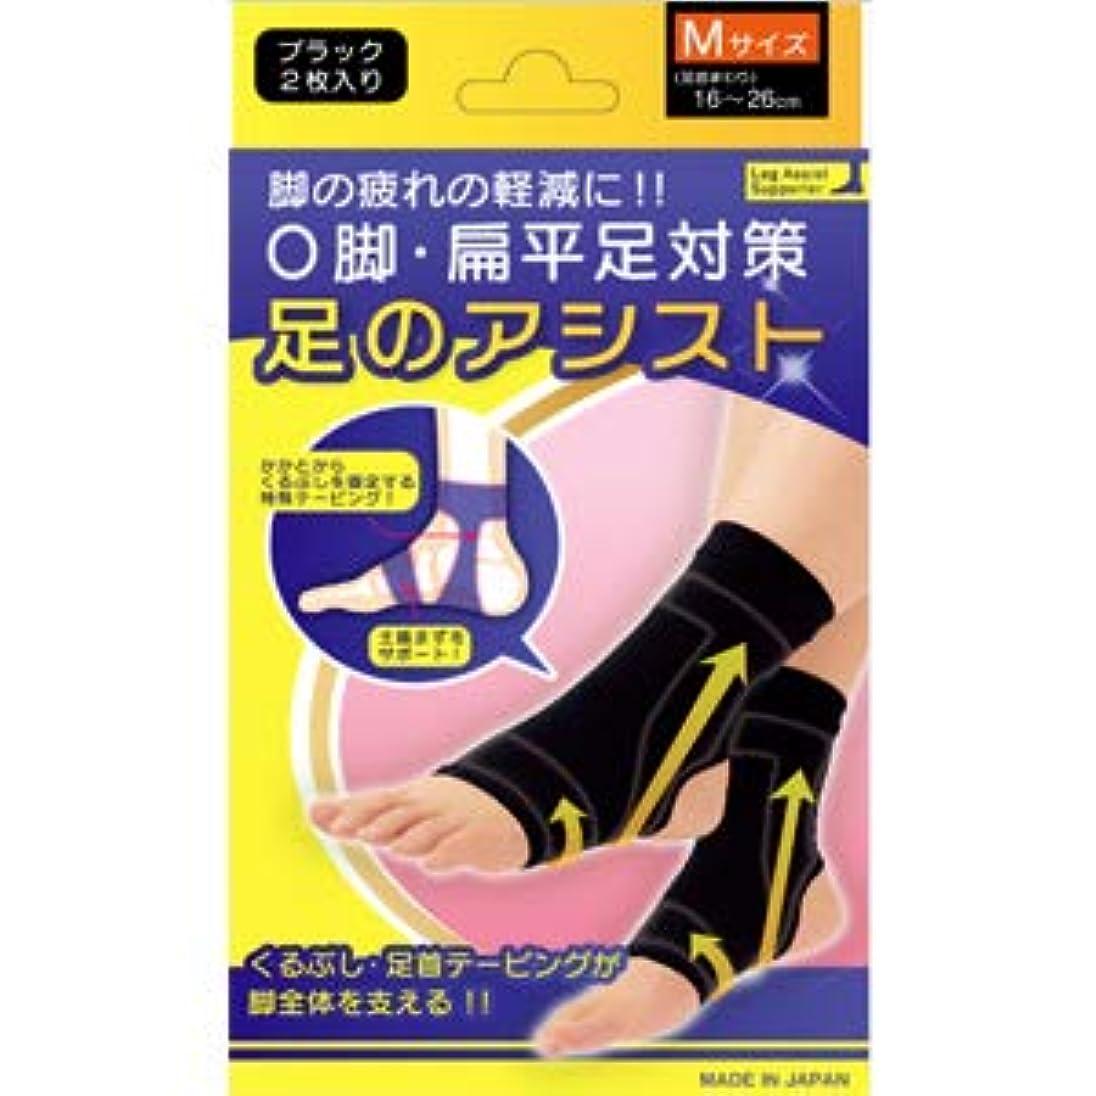 ほぼ文芸スリム美脚足のアシスト ブラック 2枚入り Mサイズ(足首まわり16~26cm)